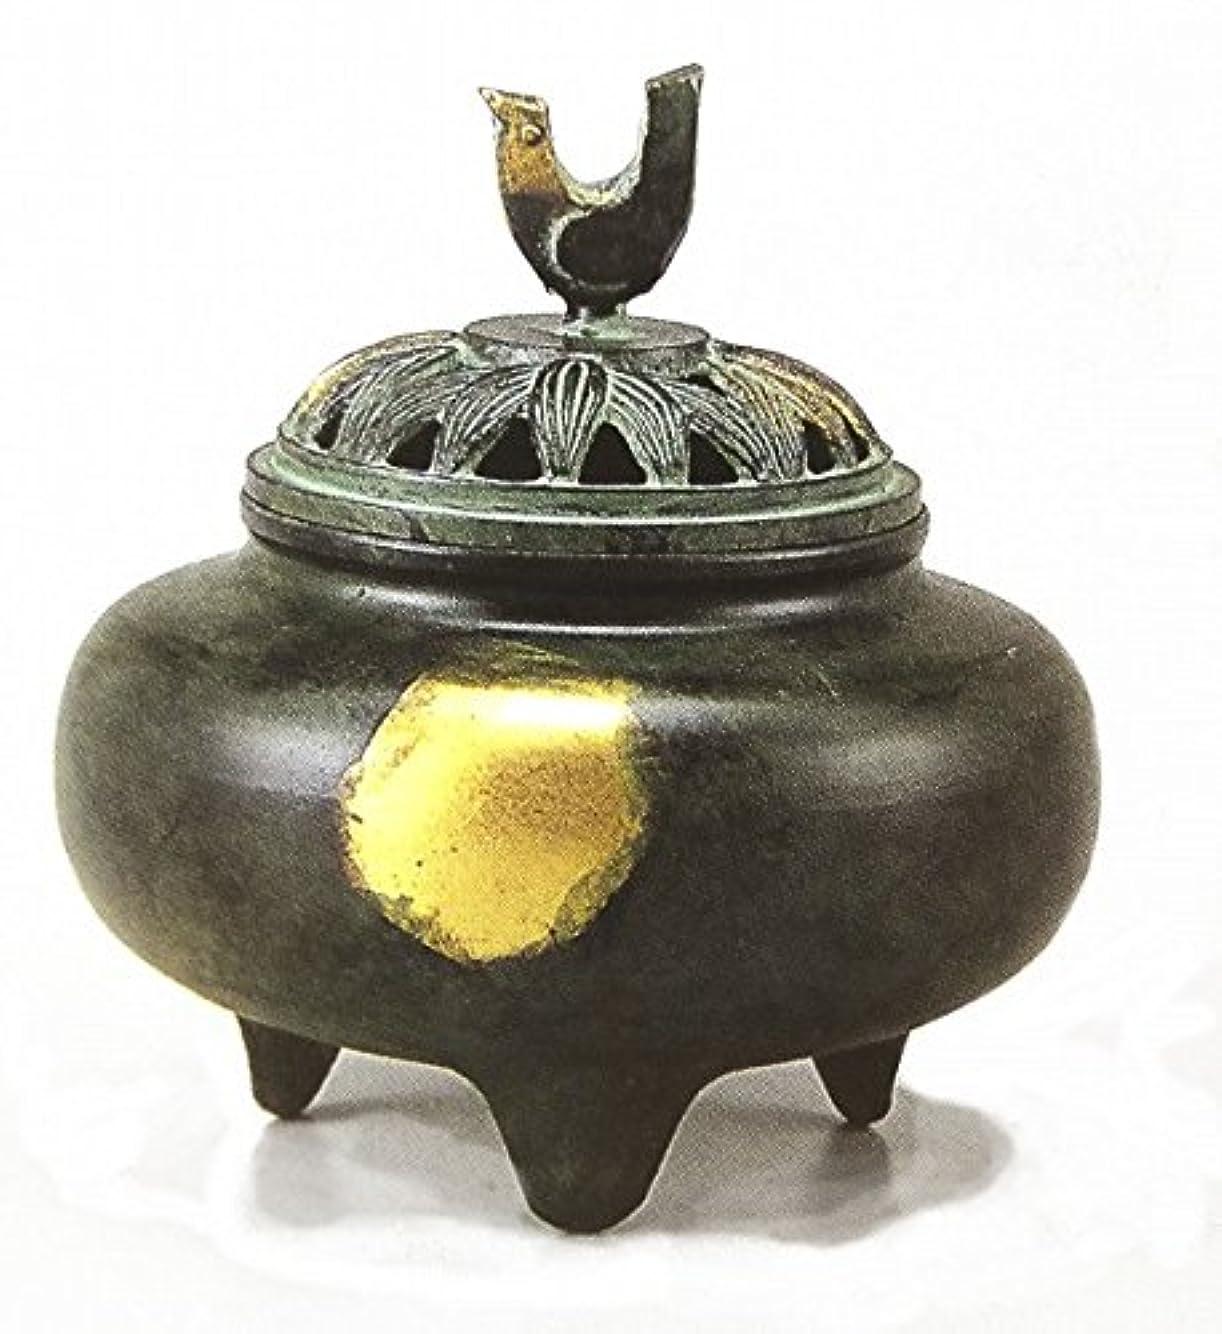 警報ファントム吸う『珠玉型香炉』銅製